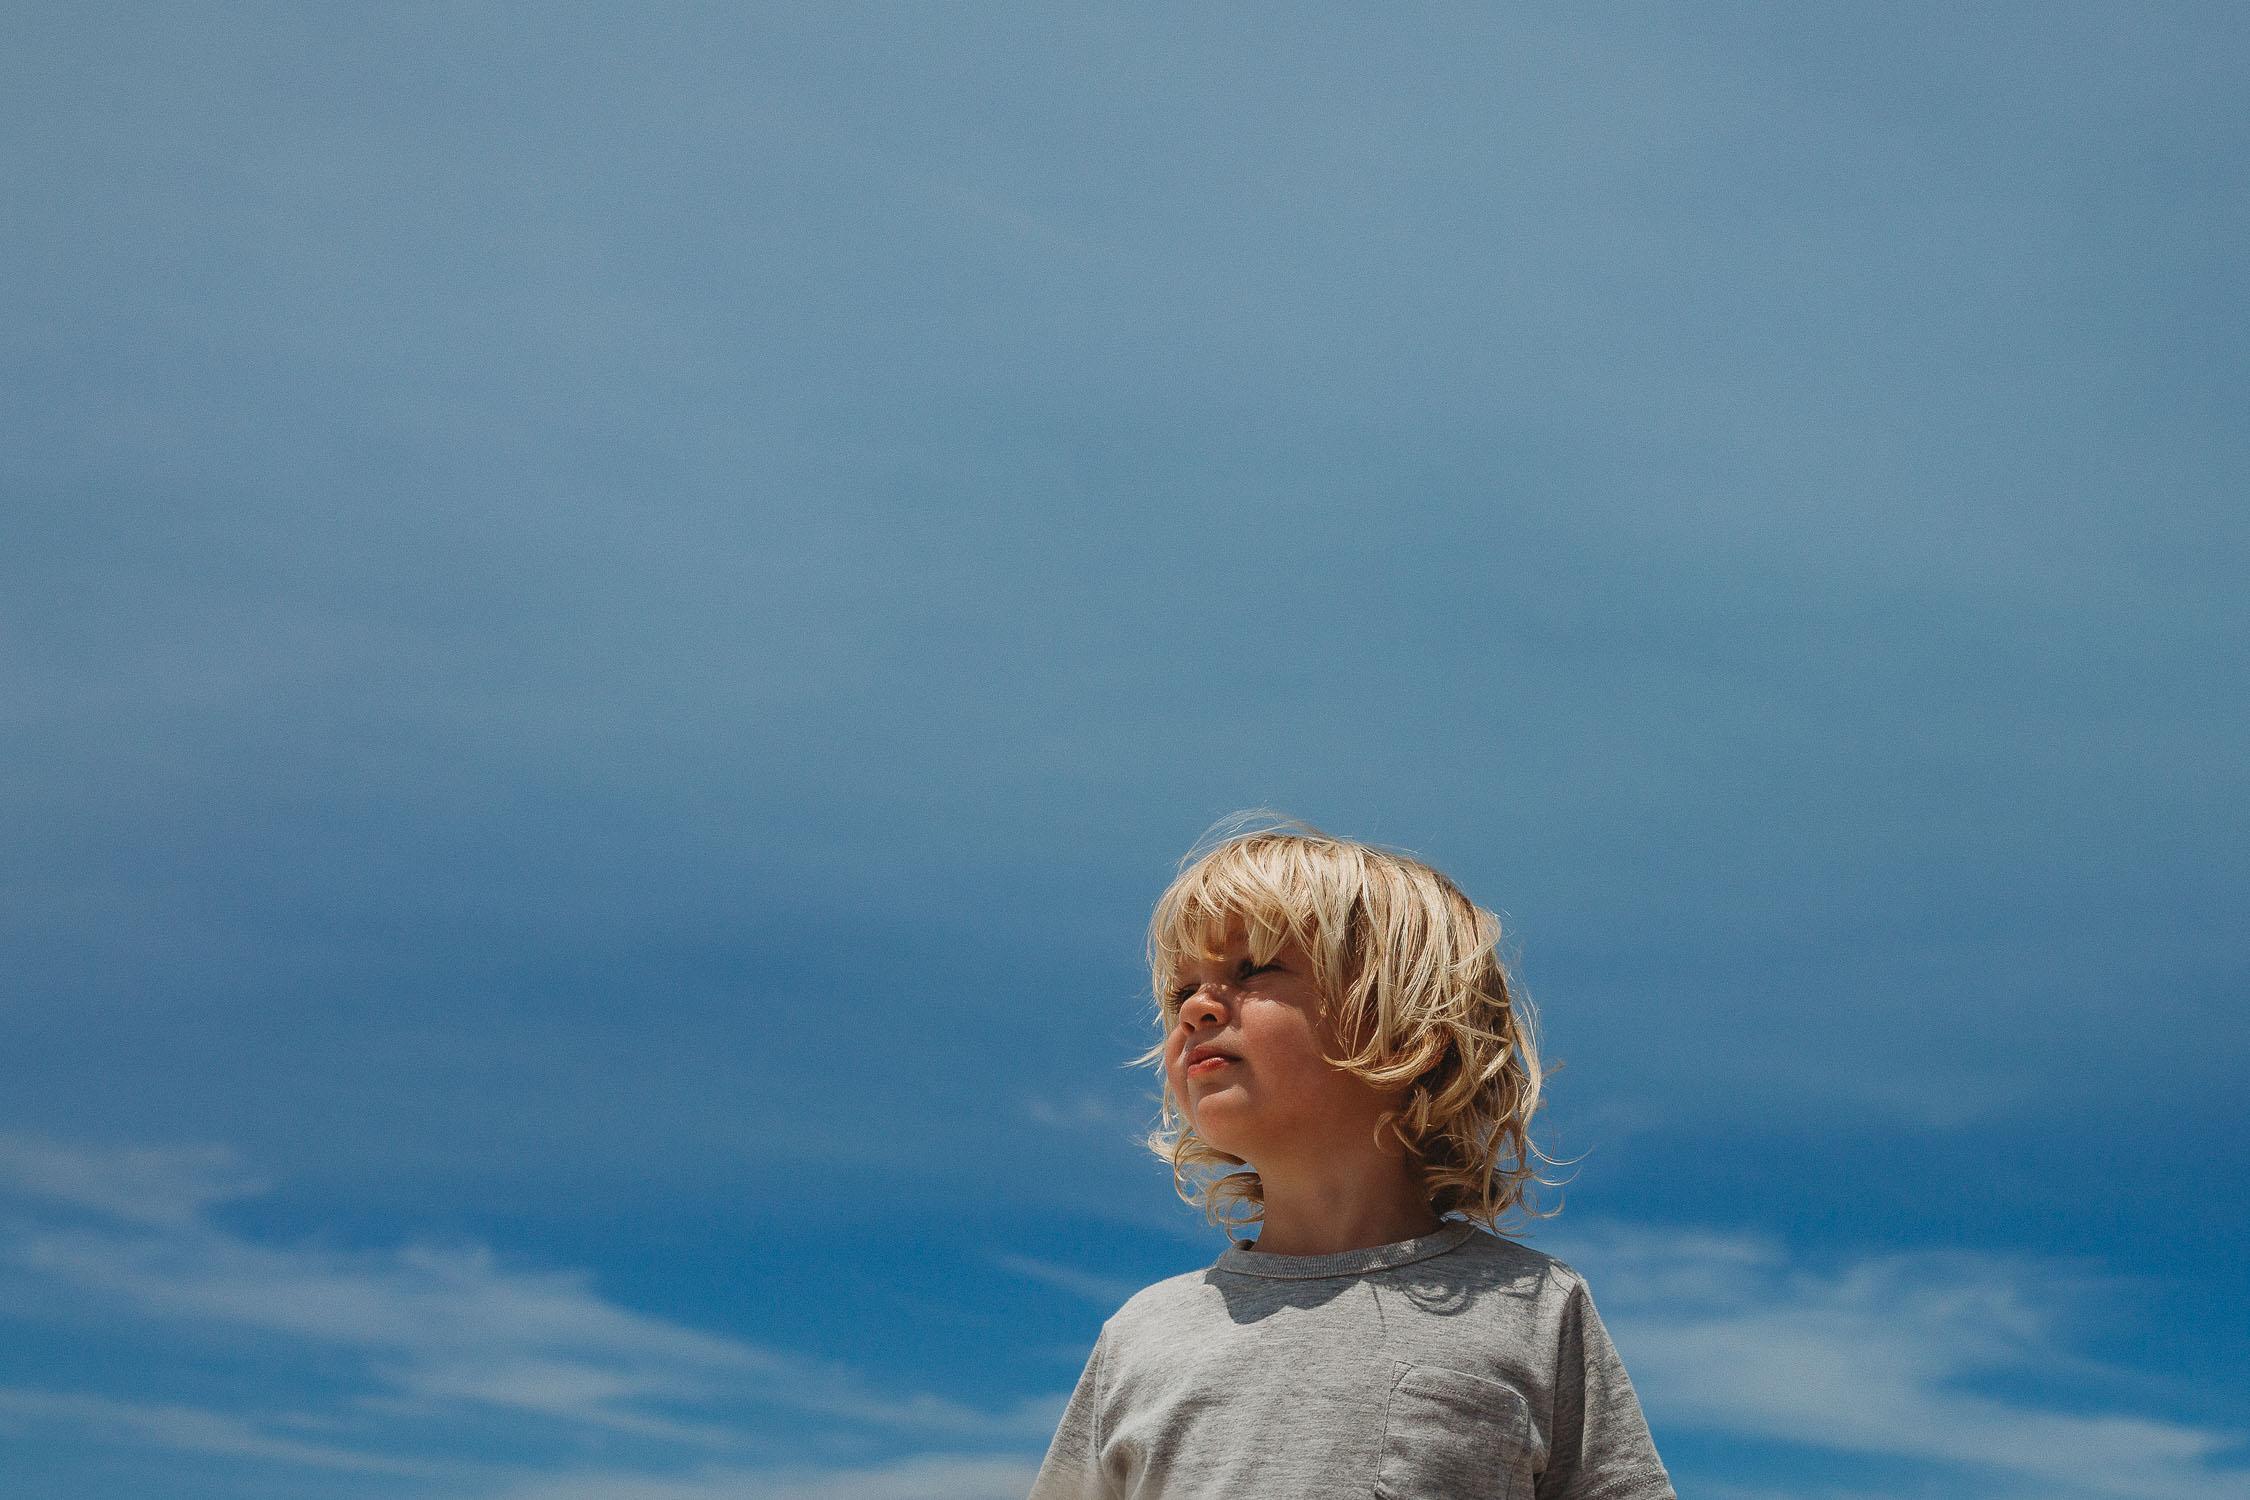 julia-whale-personal-work-8.jpg